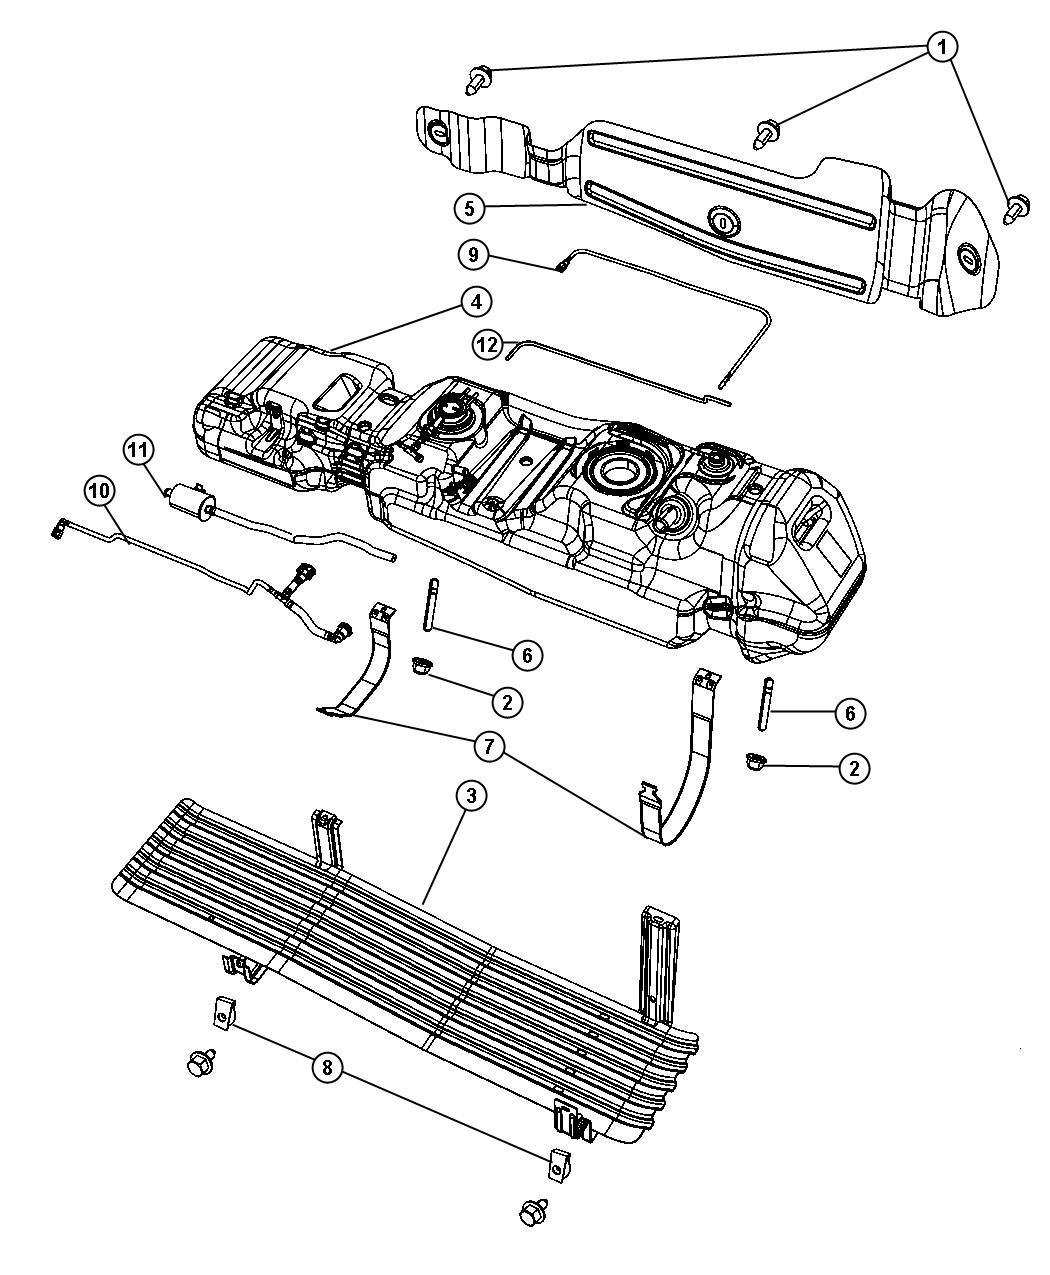 2007 Dodge Dakota 4x4, 3.7L V6, 6-Speed Manual Fuel Tank